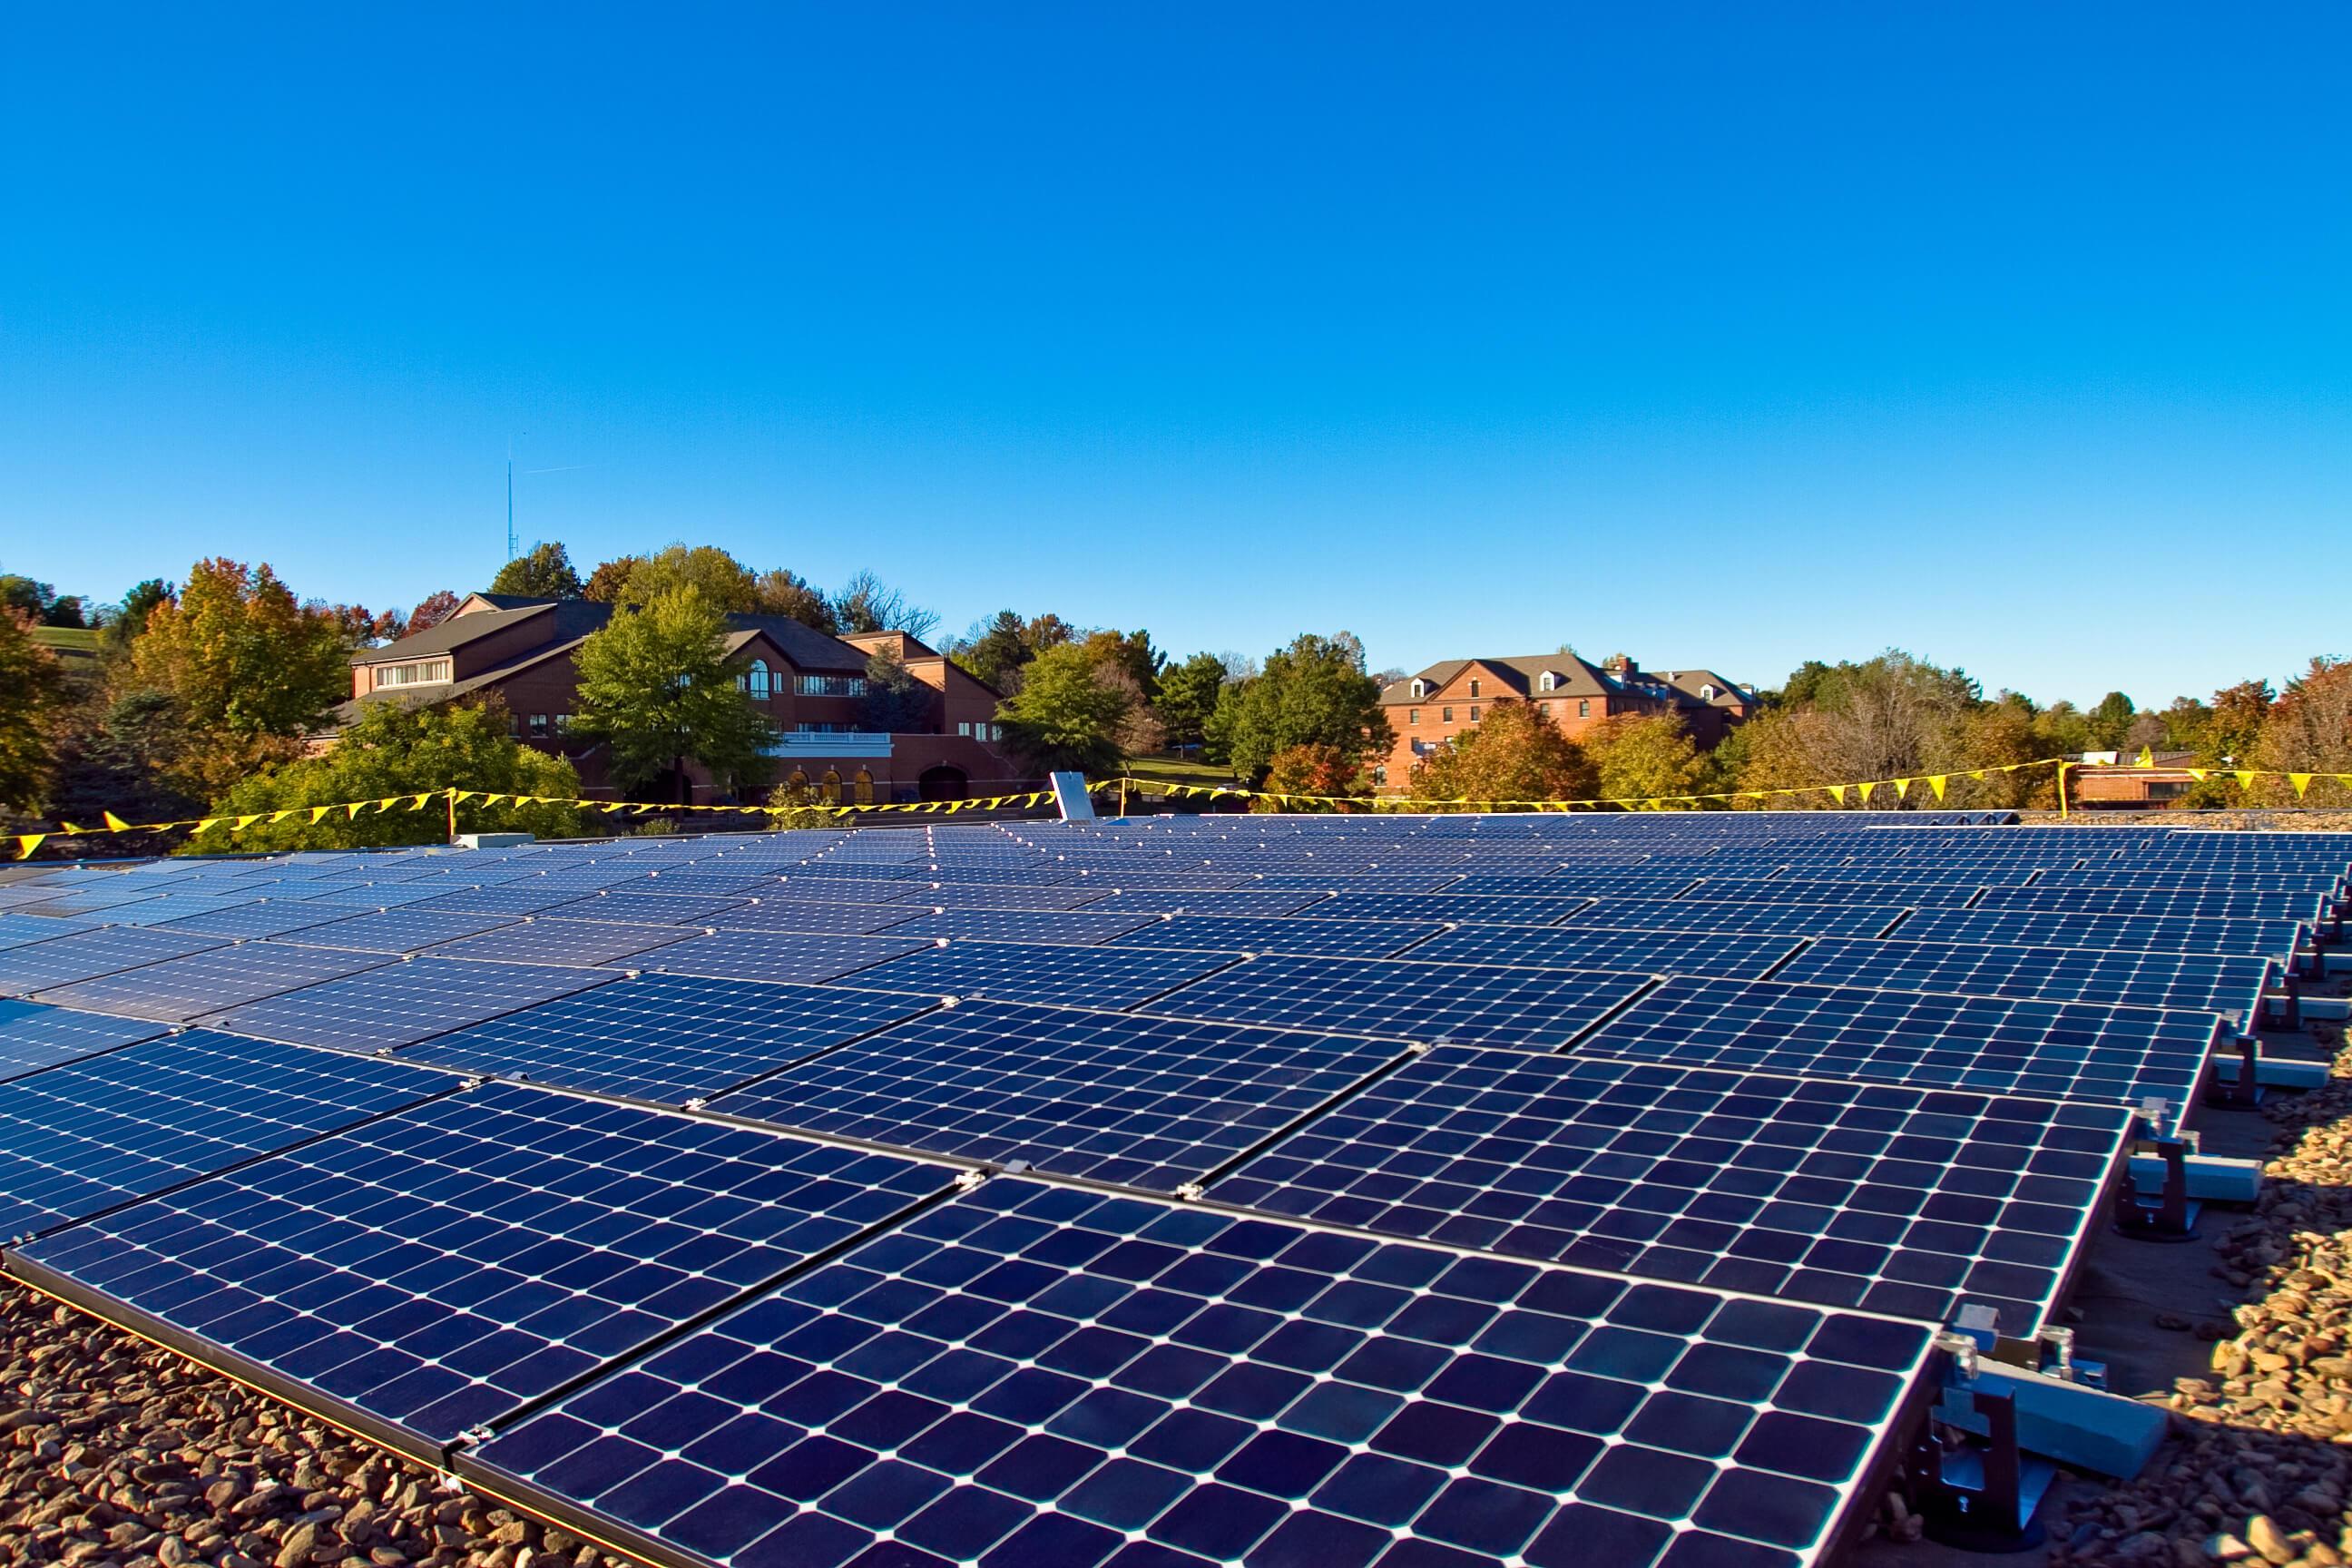 ursalink_smart_solar_monitoring_solution